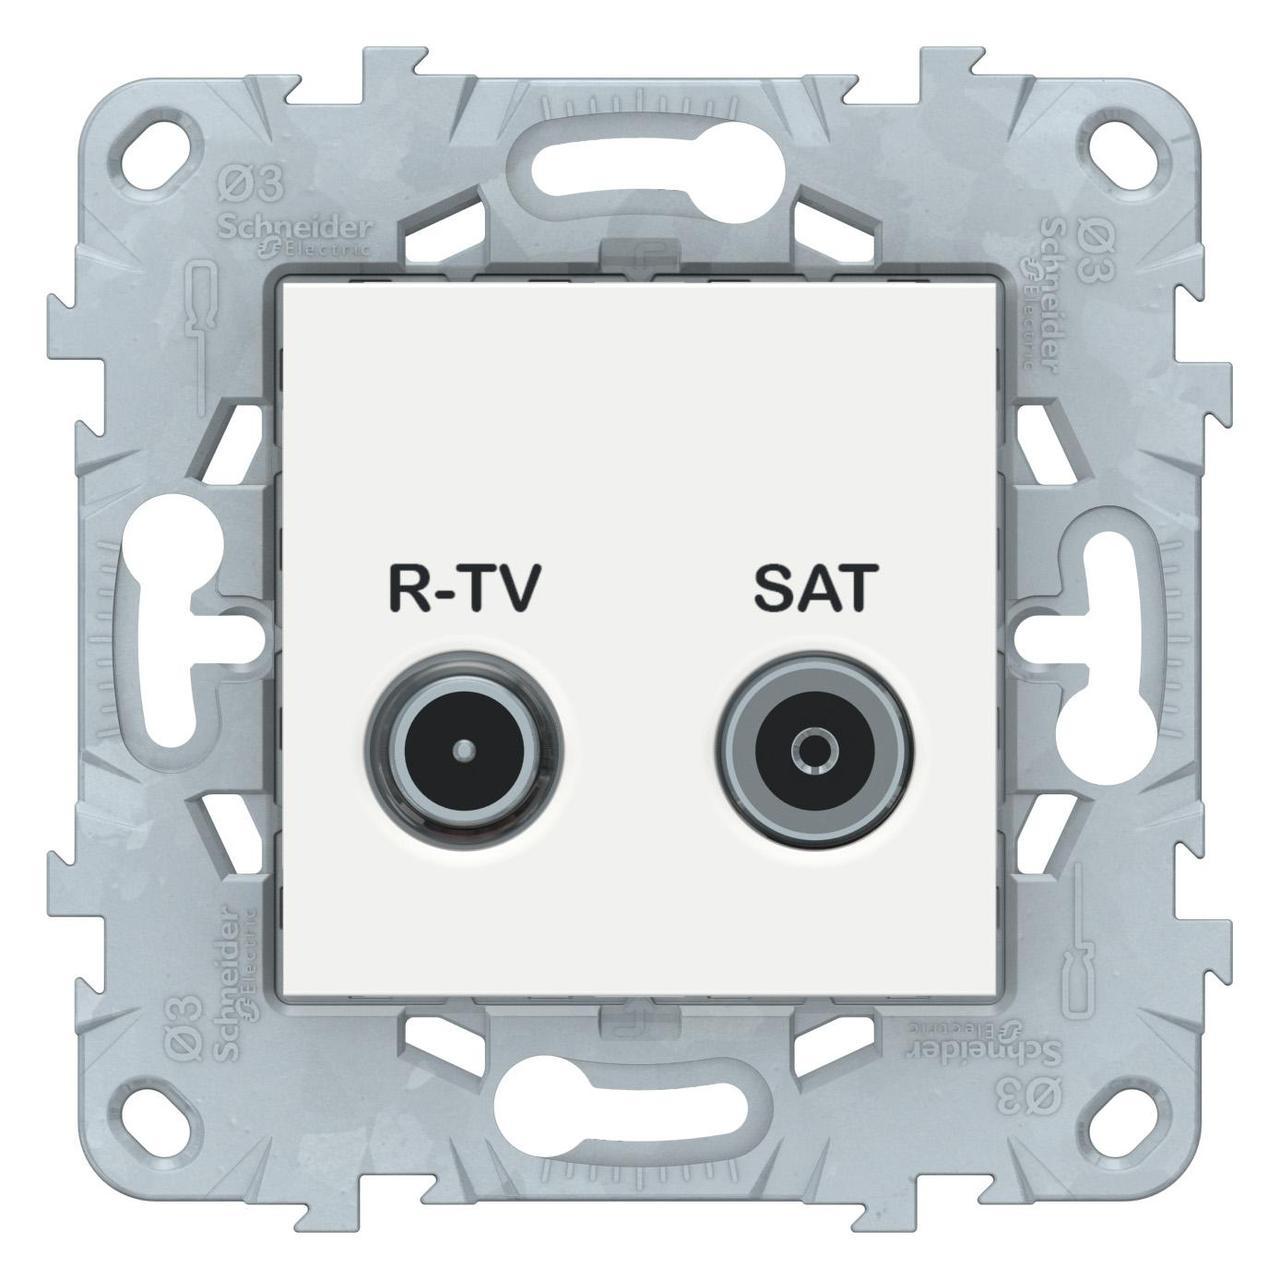 Розетка телевизионная проходная ТV-SAT , Белый, серия Unica New, Schneider Electric